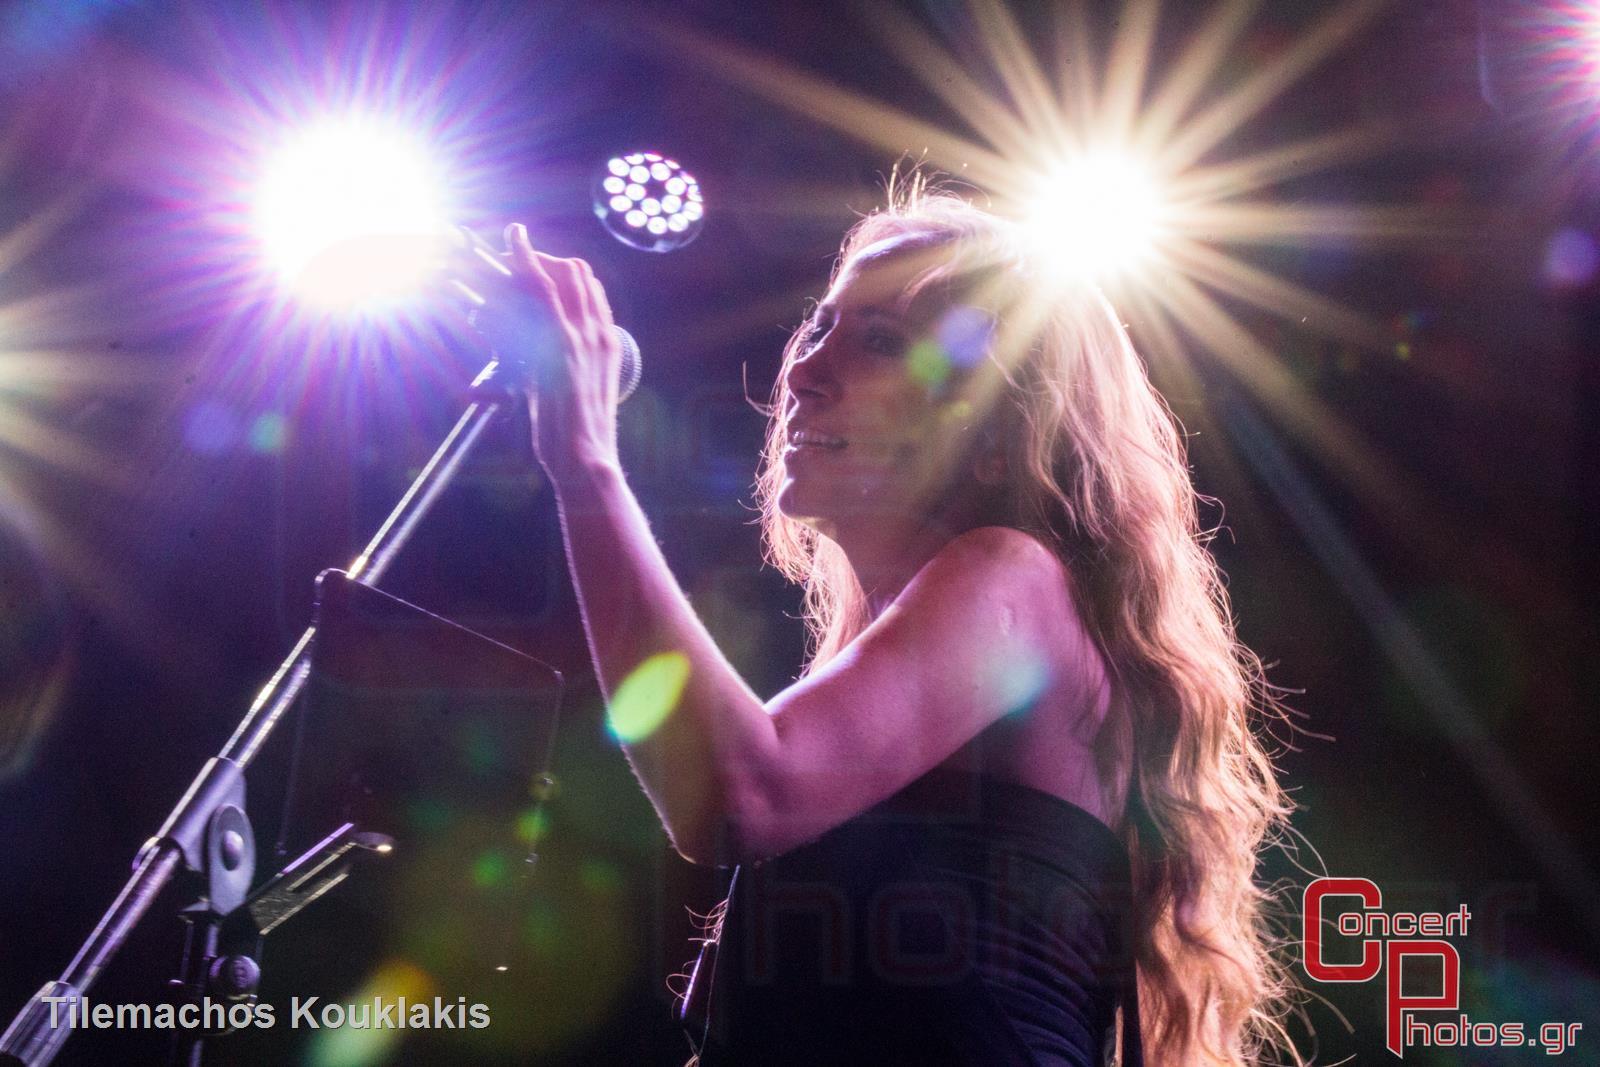 Βασίλης Παπακωνσταντίνου - 40 Χρόνια Έφηβος-Vasilis Papakonstantinou 40 Chronia Efivos photographer: Tilemachos Kouklakis - concertphotos_-5133